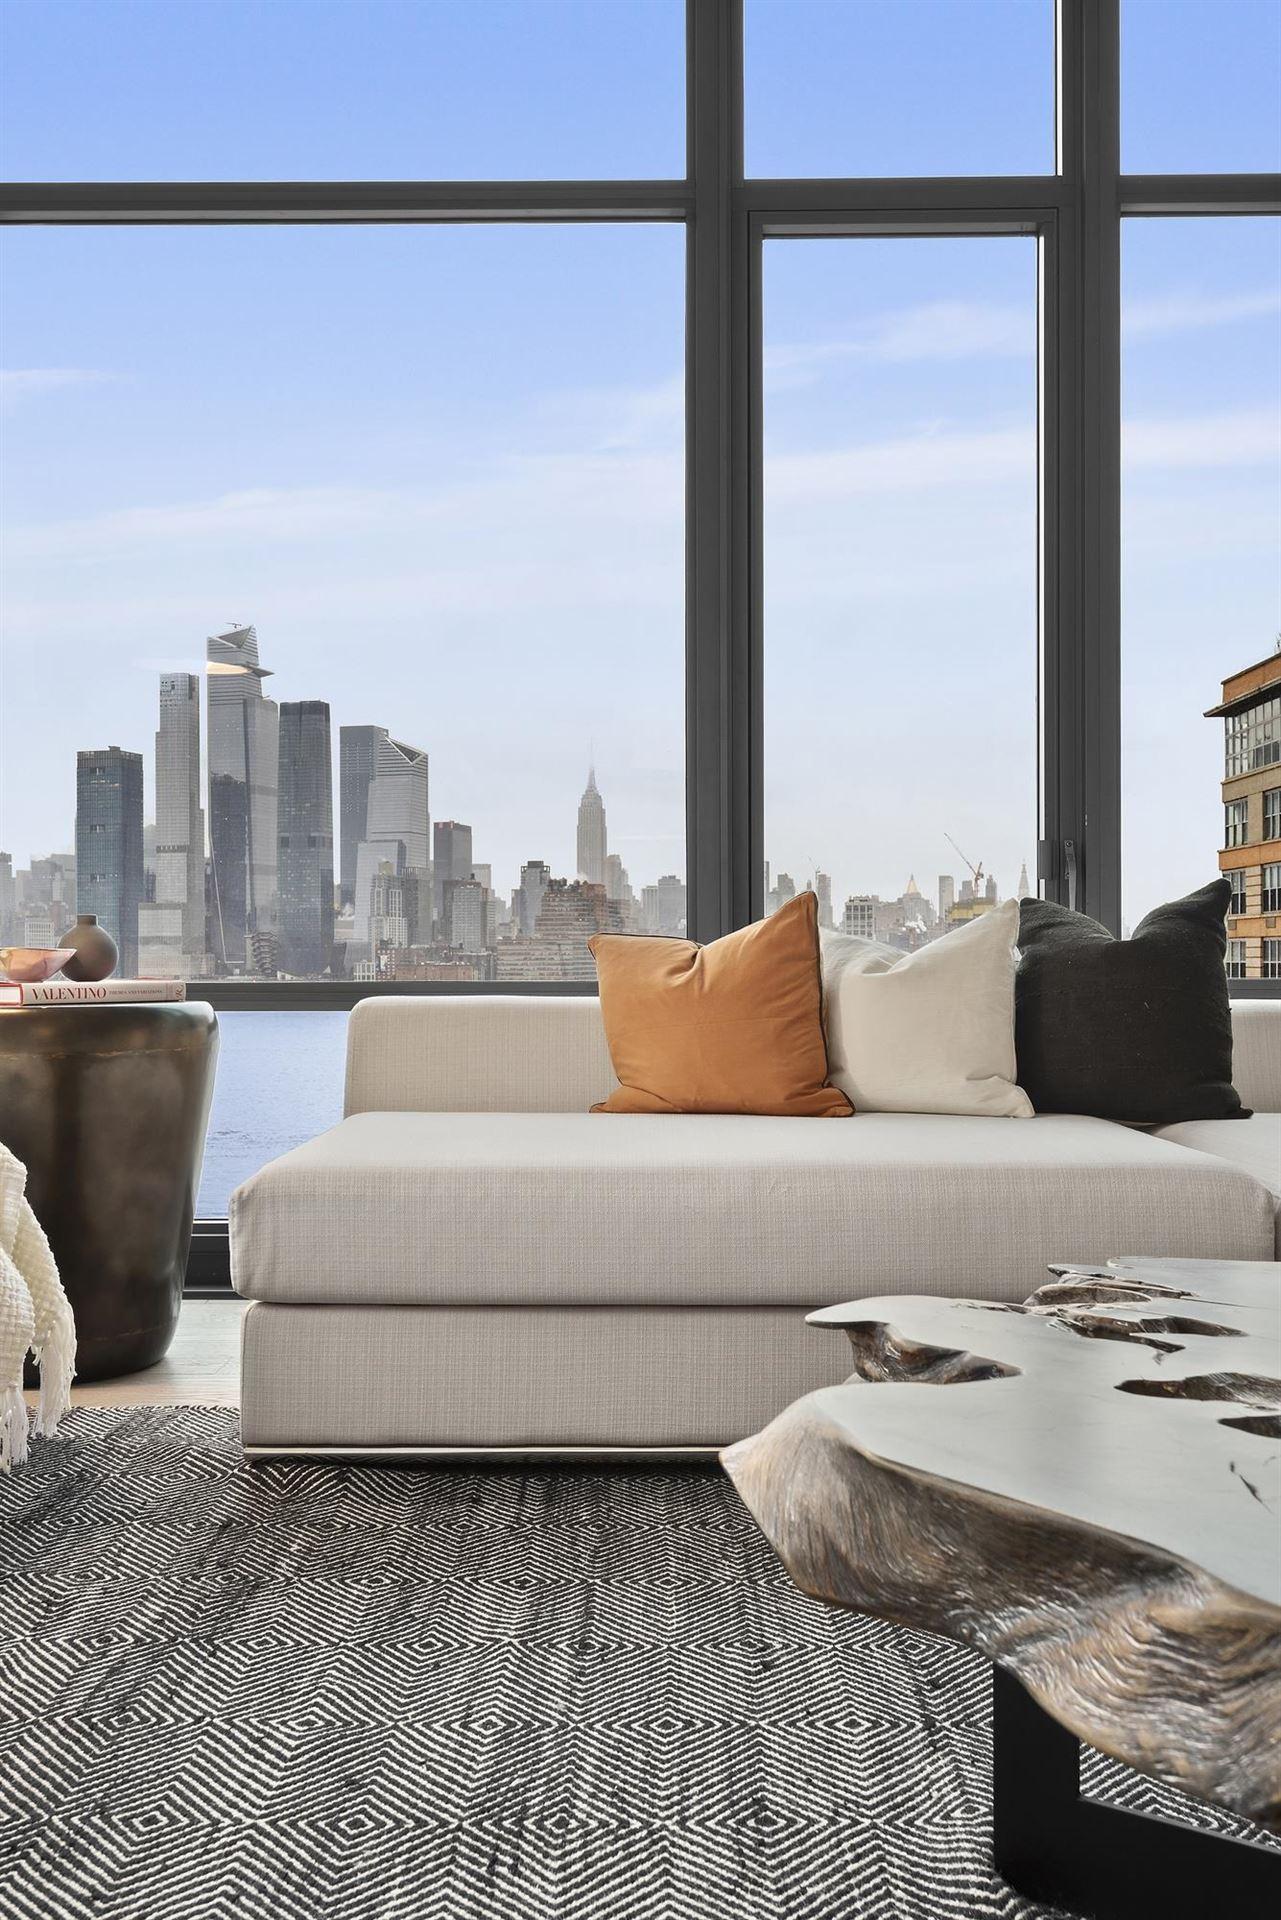 1425 HUDSON ST #9G                                                                               Hoboken                                                                      , NJ - $2,794,995